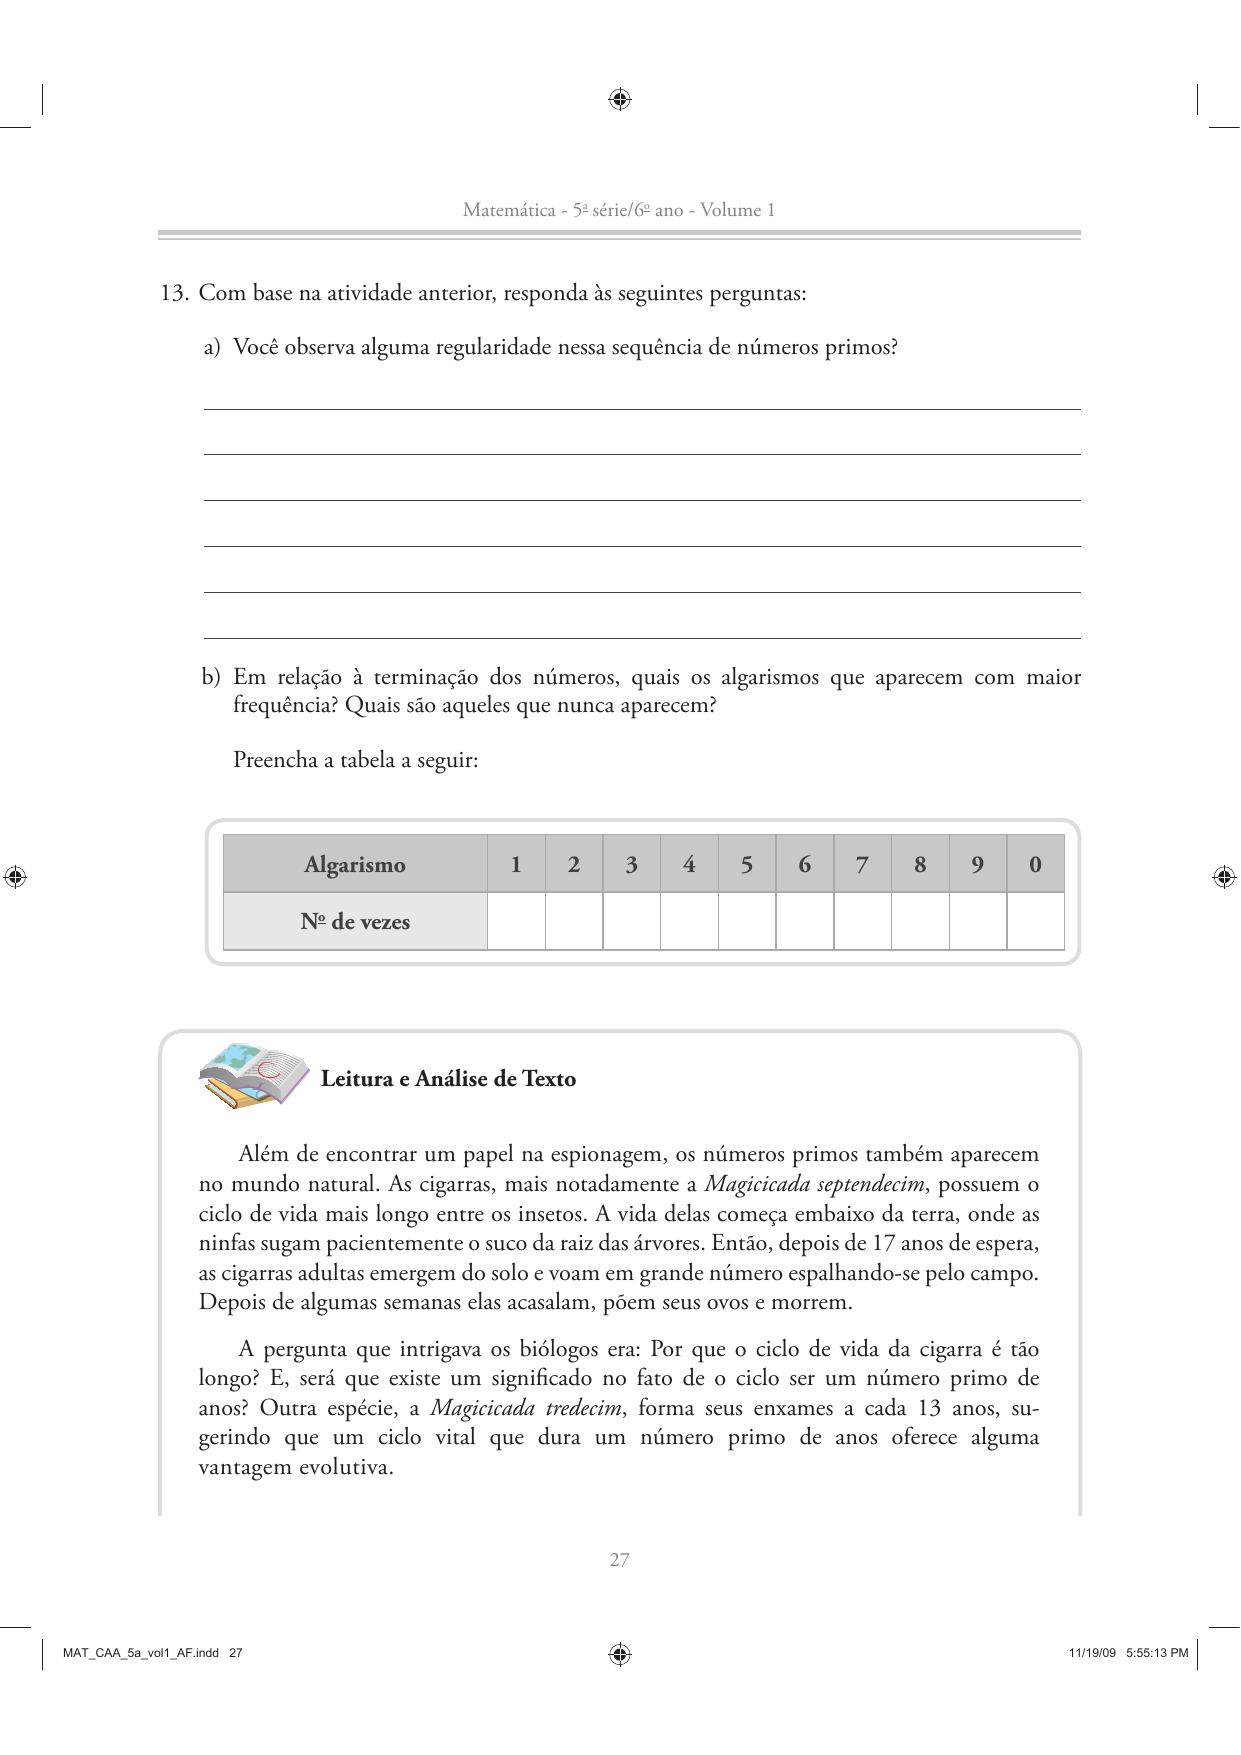 13 Com Base Na Atividade Anterior Responda às Seguintes Perguntas